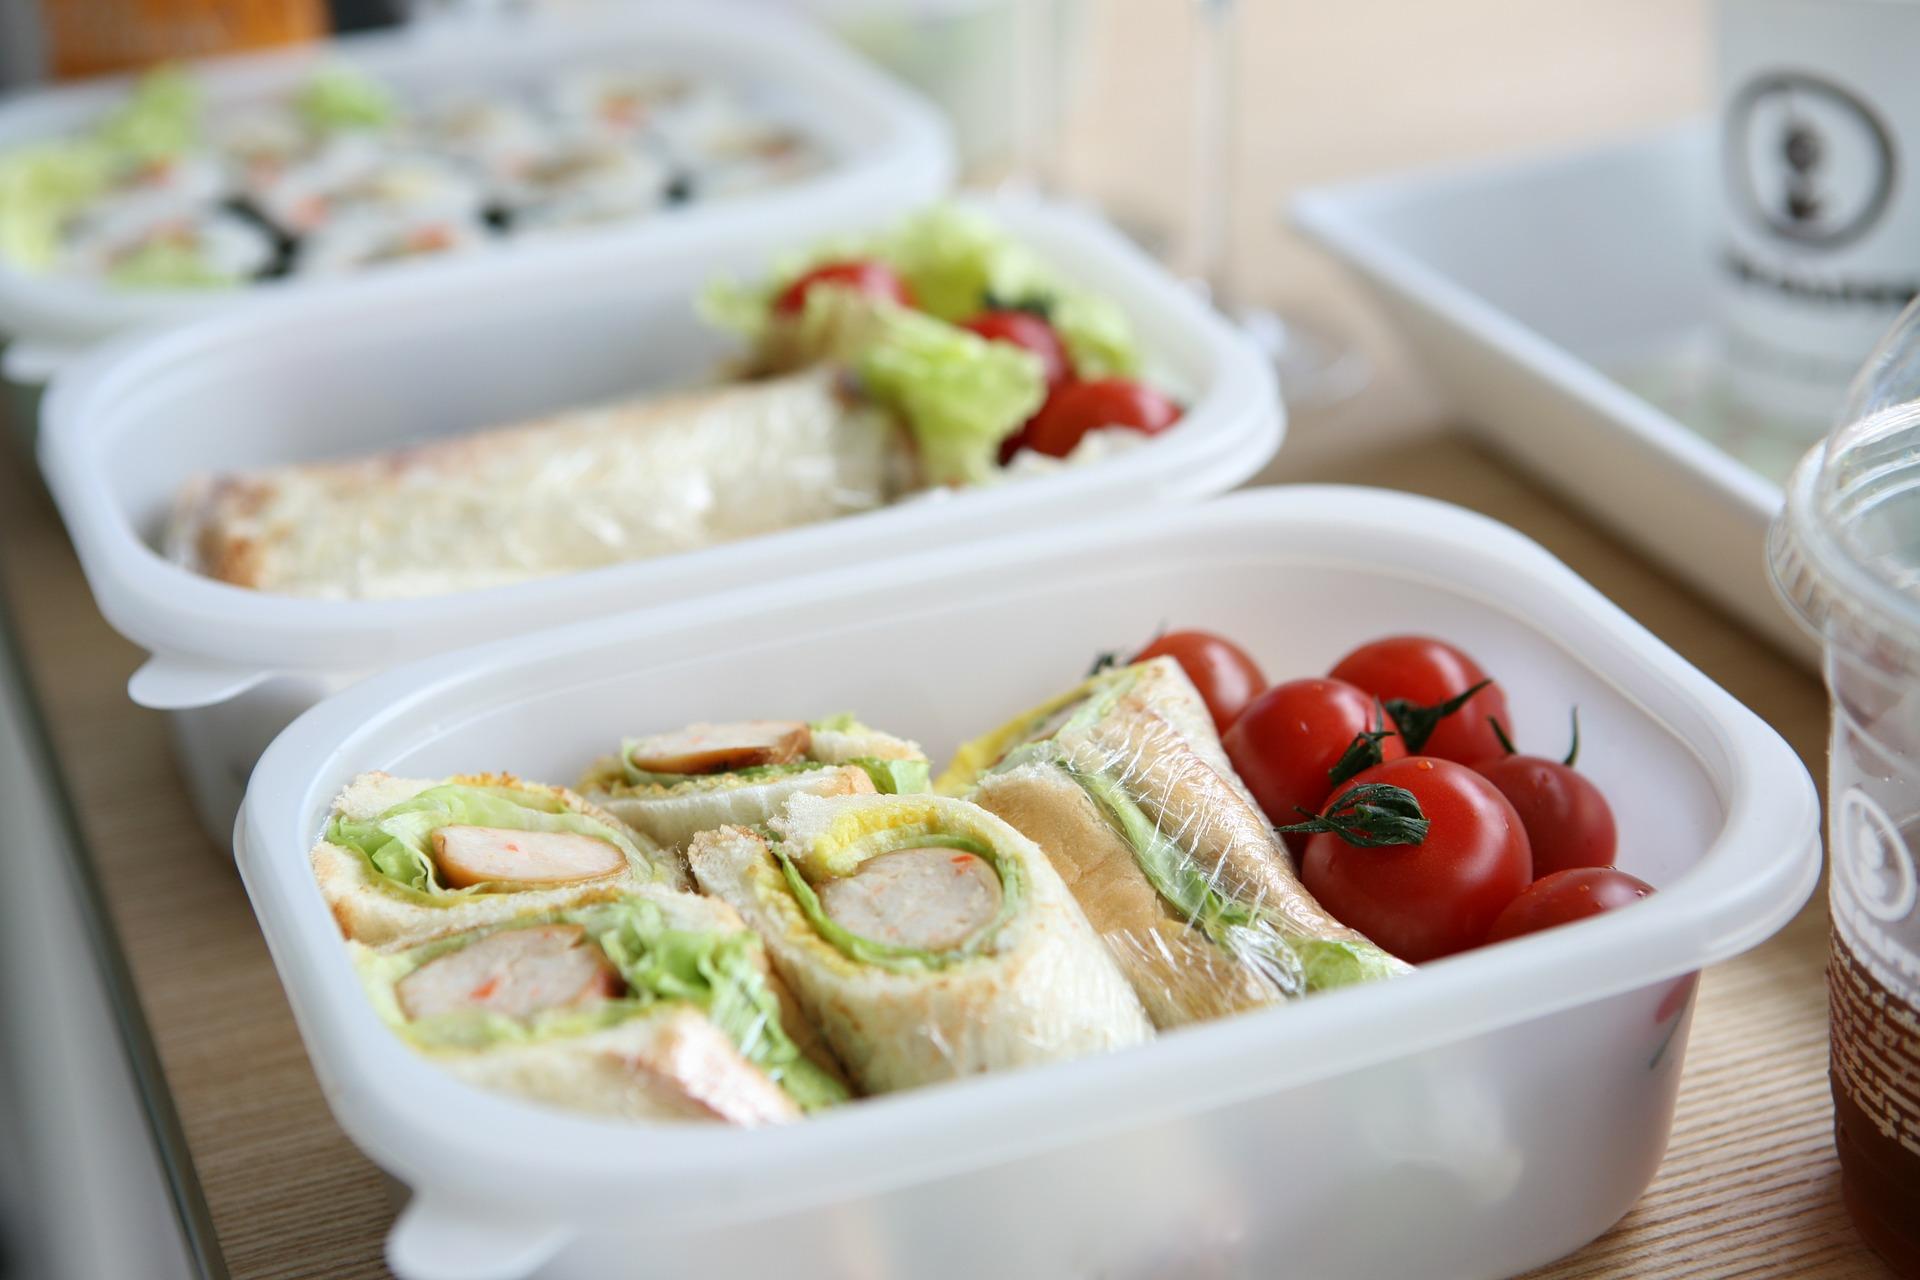 Pranzo al sacco per la scuola ricette e consigli il - Consigli per pranzo ...